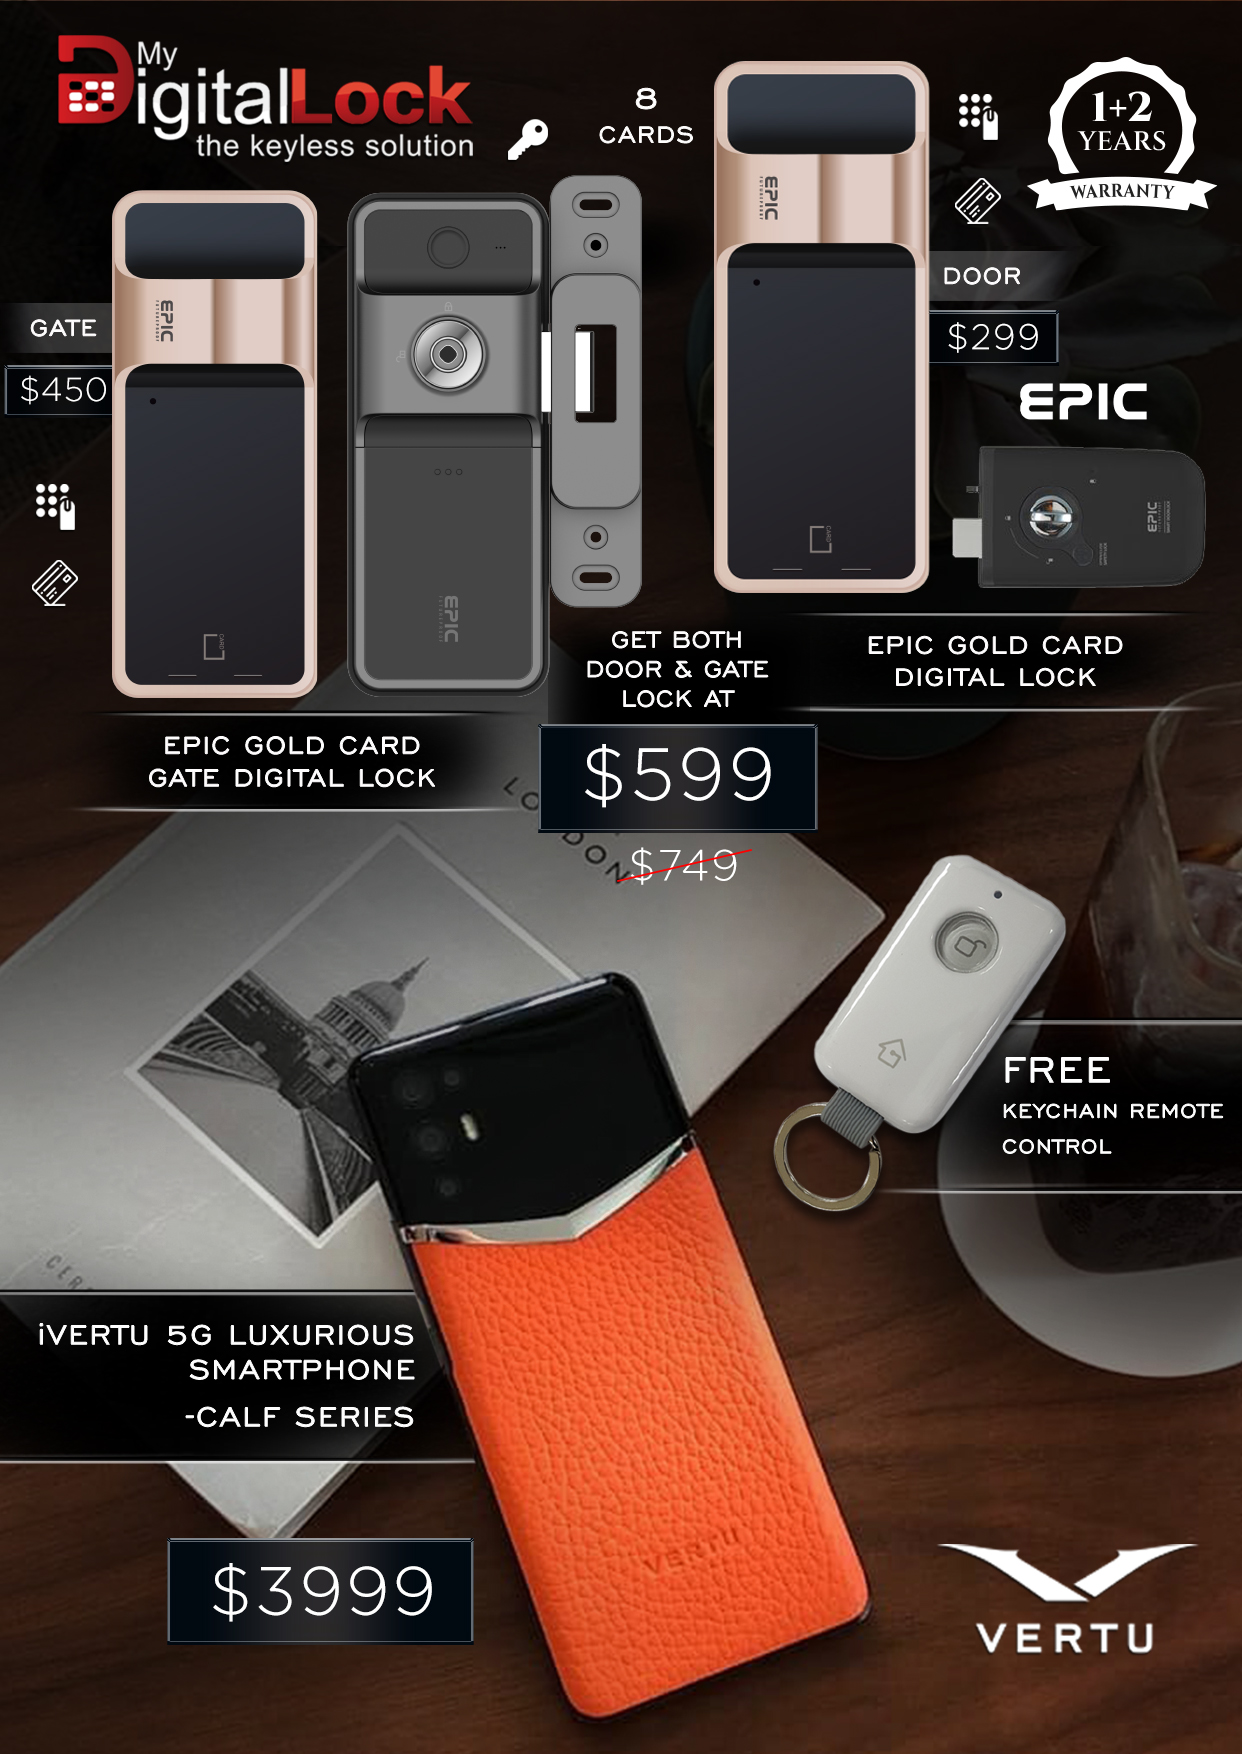 Epic-Gold-Card-Digital-Lock-iVertu-Mobile-Promotion_2021